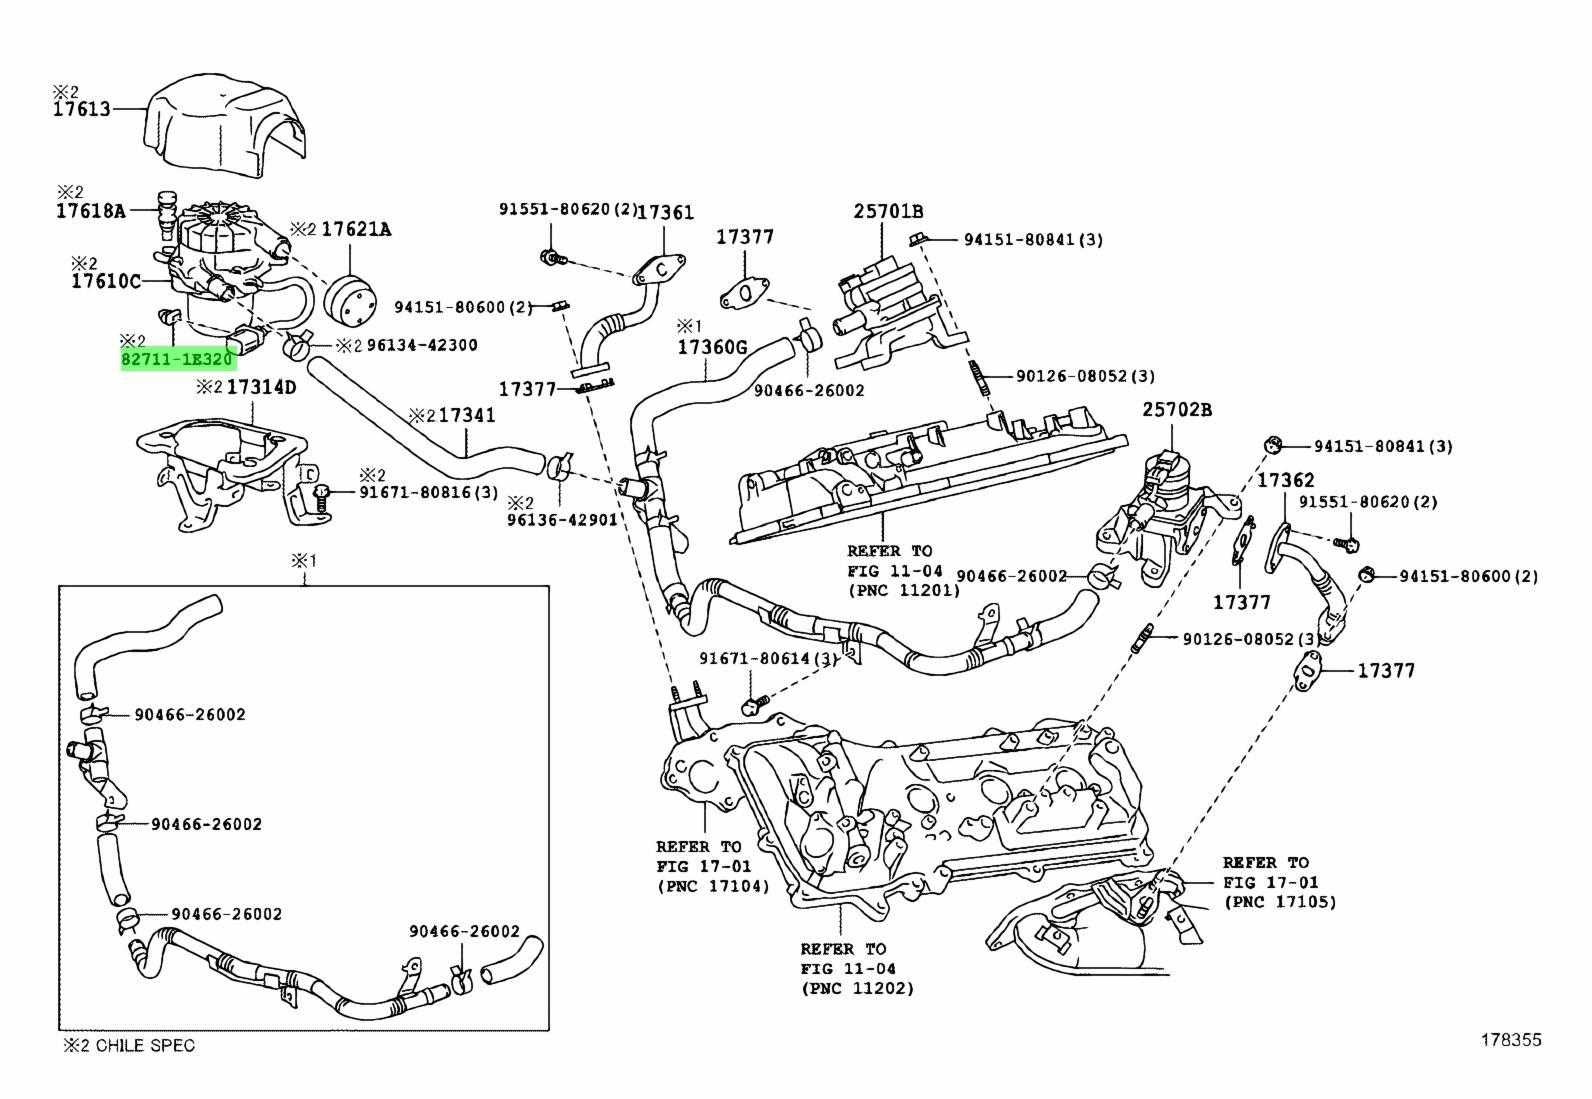 Genuine Toyota 82711-1E320 (827111E320) CLAMP, WIRING